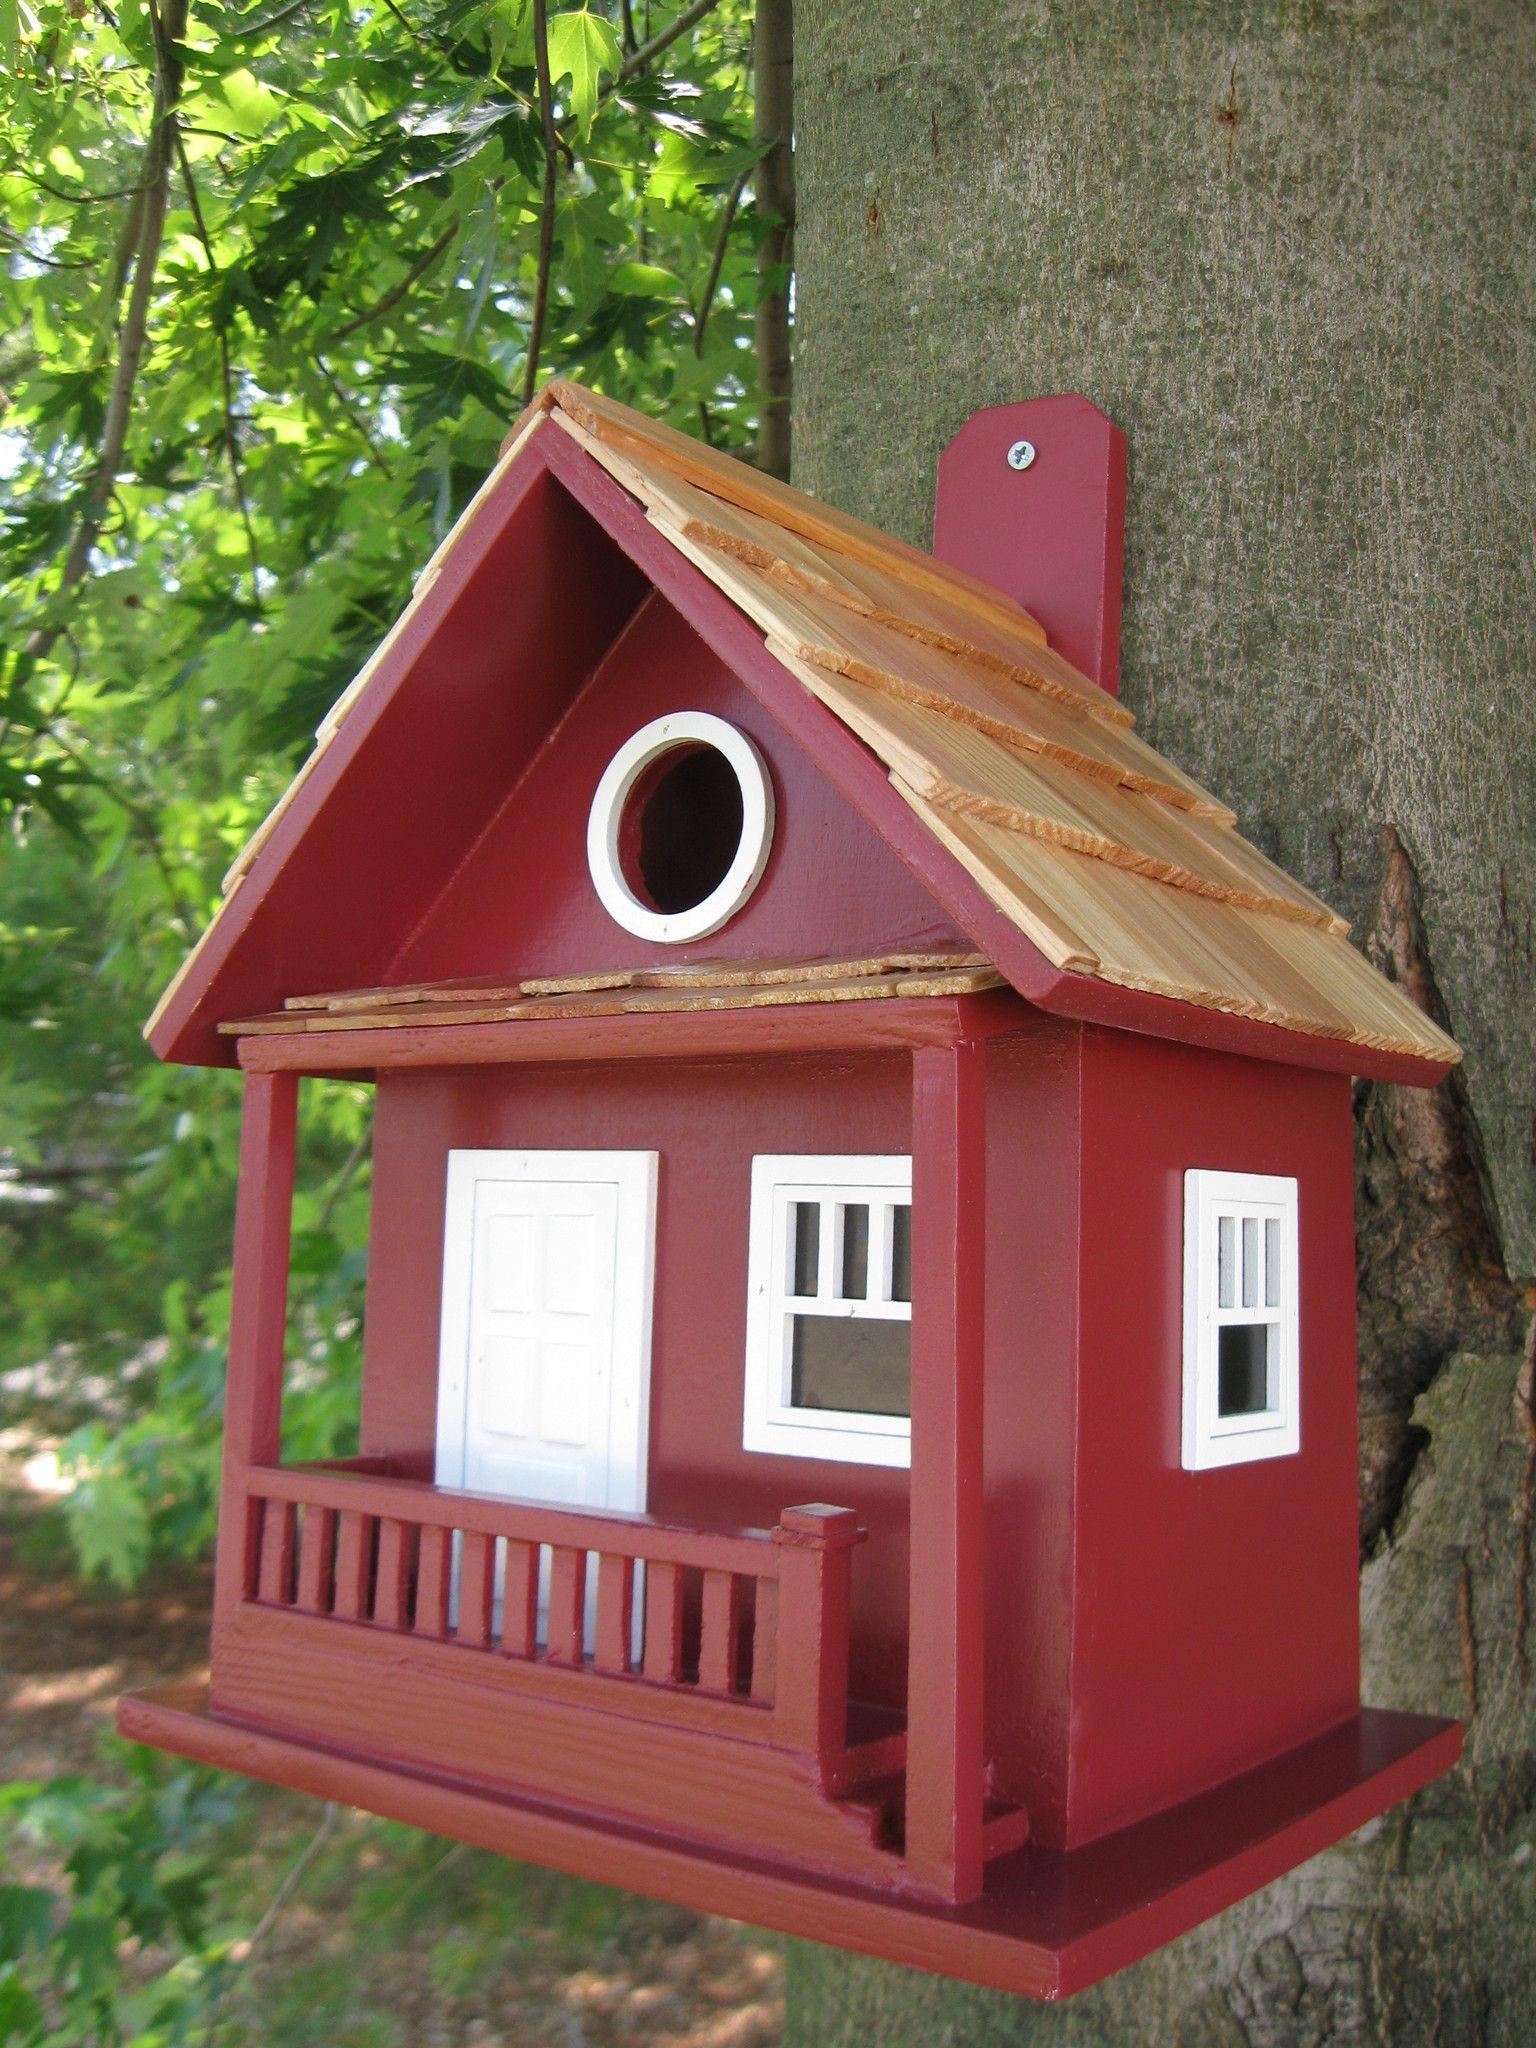 Garden shelter ideas home  The Kottage Kabin Birdhouse  Building An Outdoor Playhouse